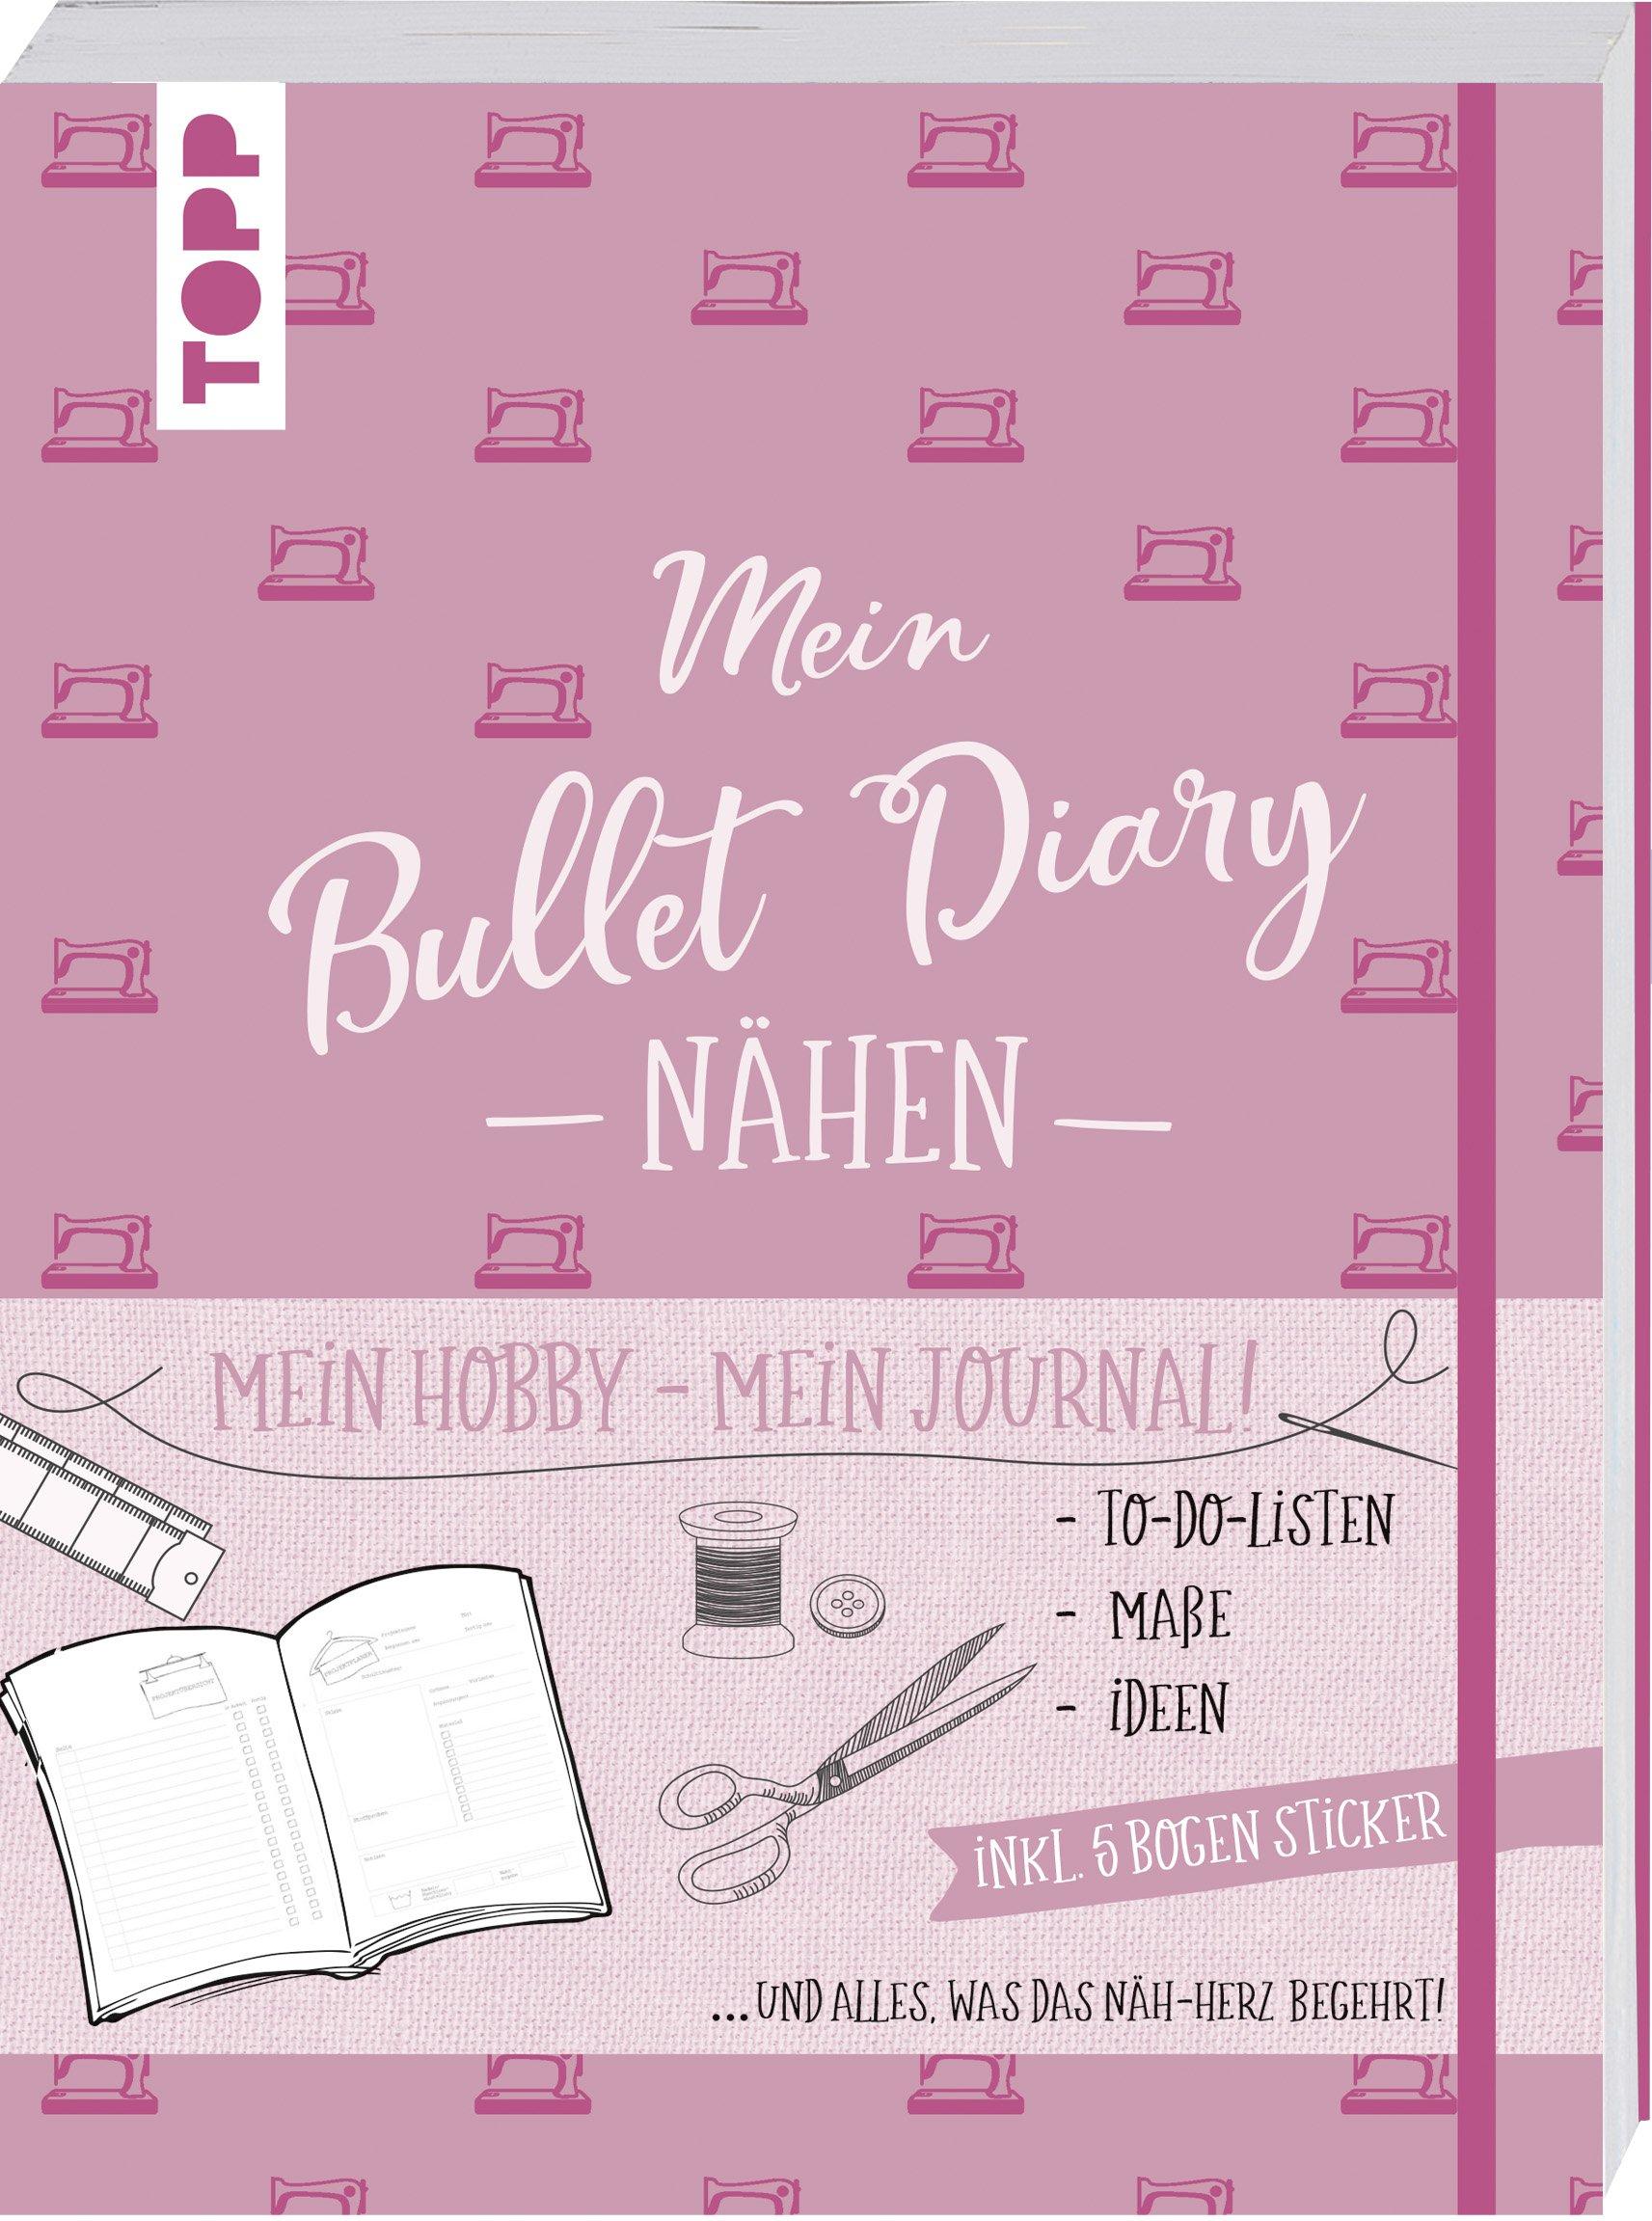 Bullet Diary Nähen: Mein Hobby - mein Journal. To-Do-Listen, Maße, Ideen und alles, was das Näh-Herz begehrt. Inkl. 5 Bogen Sticker. Gebundenes Buch – 8. August 2018 Frederike Matthäus Maße Frech 3772481485